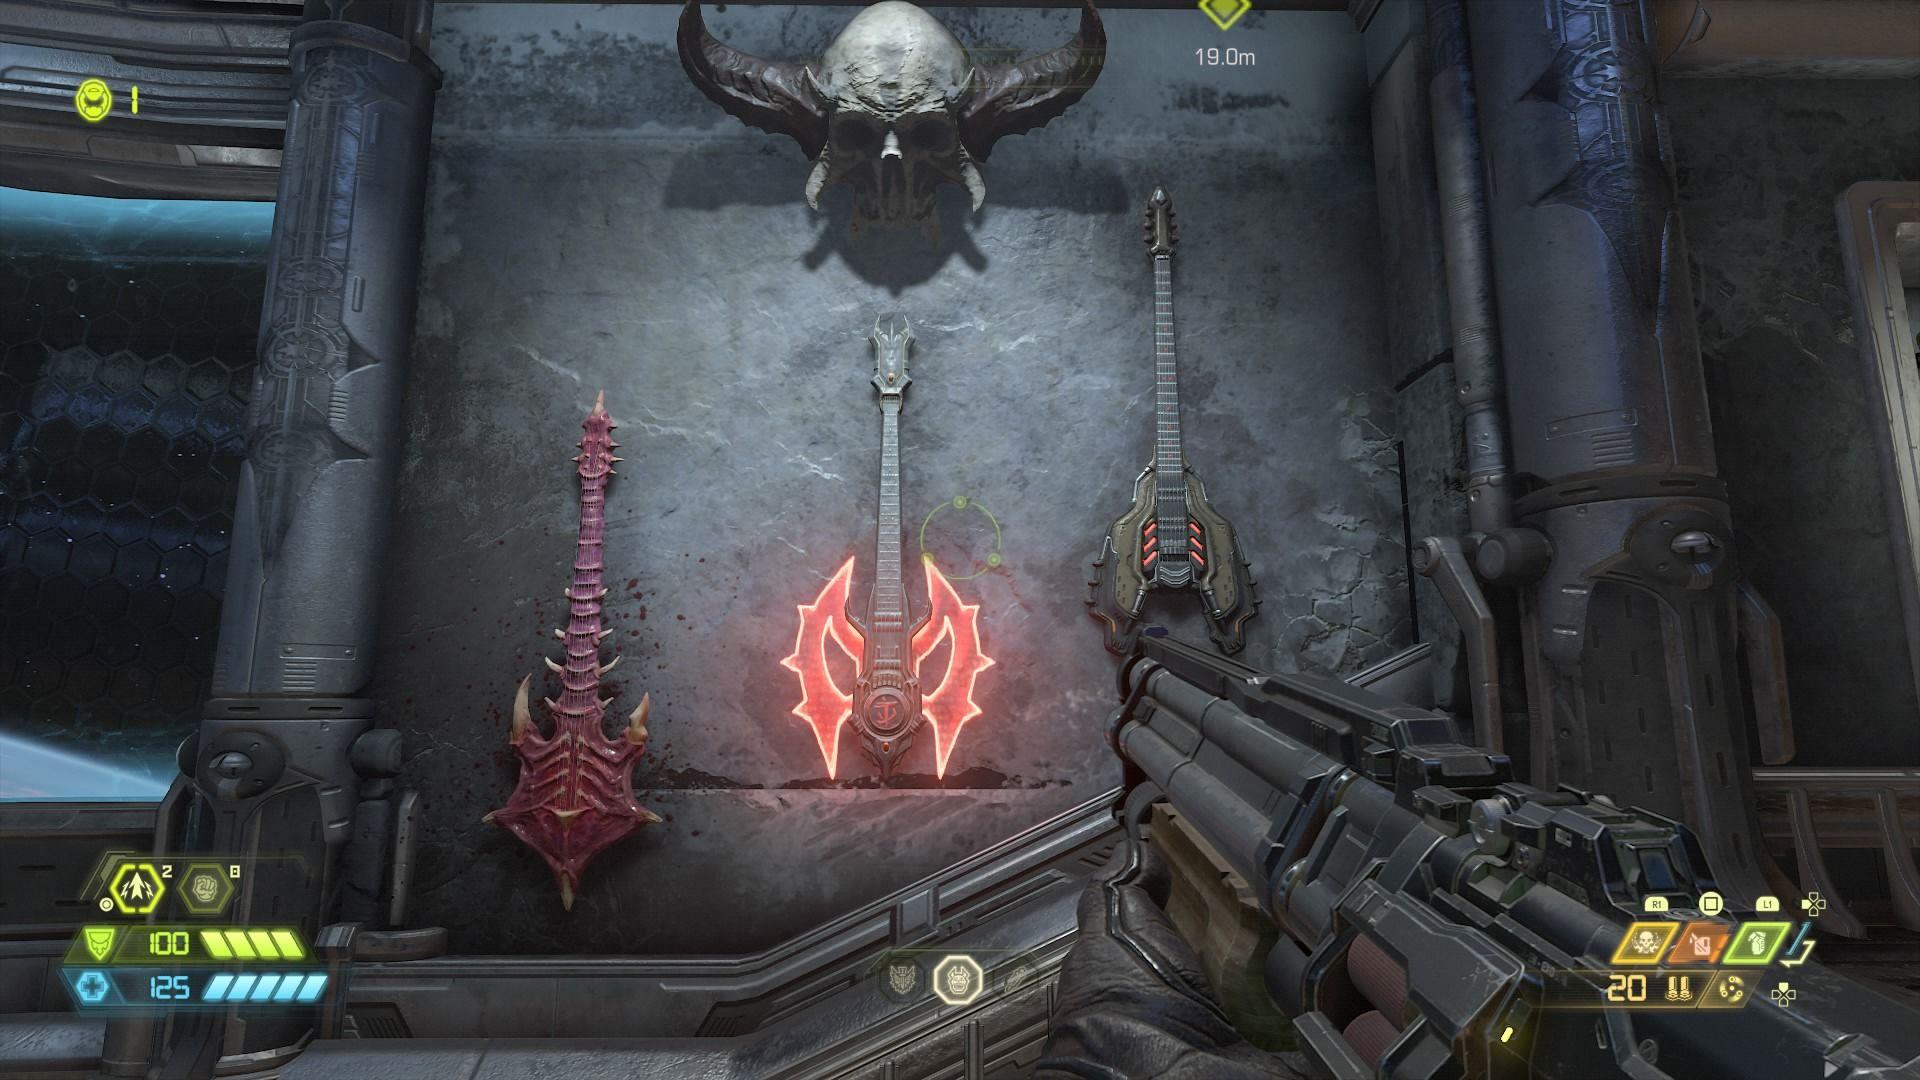 Pin by Filip Vimr on Doom Eternal in 2020 Doom, Eternity